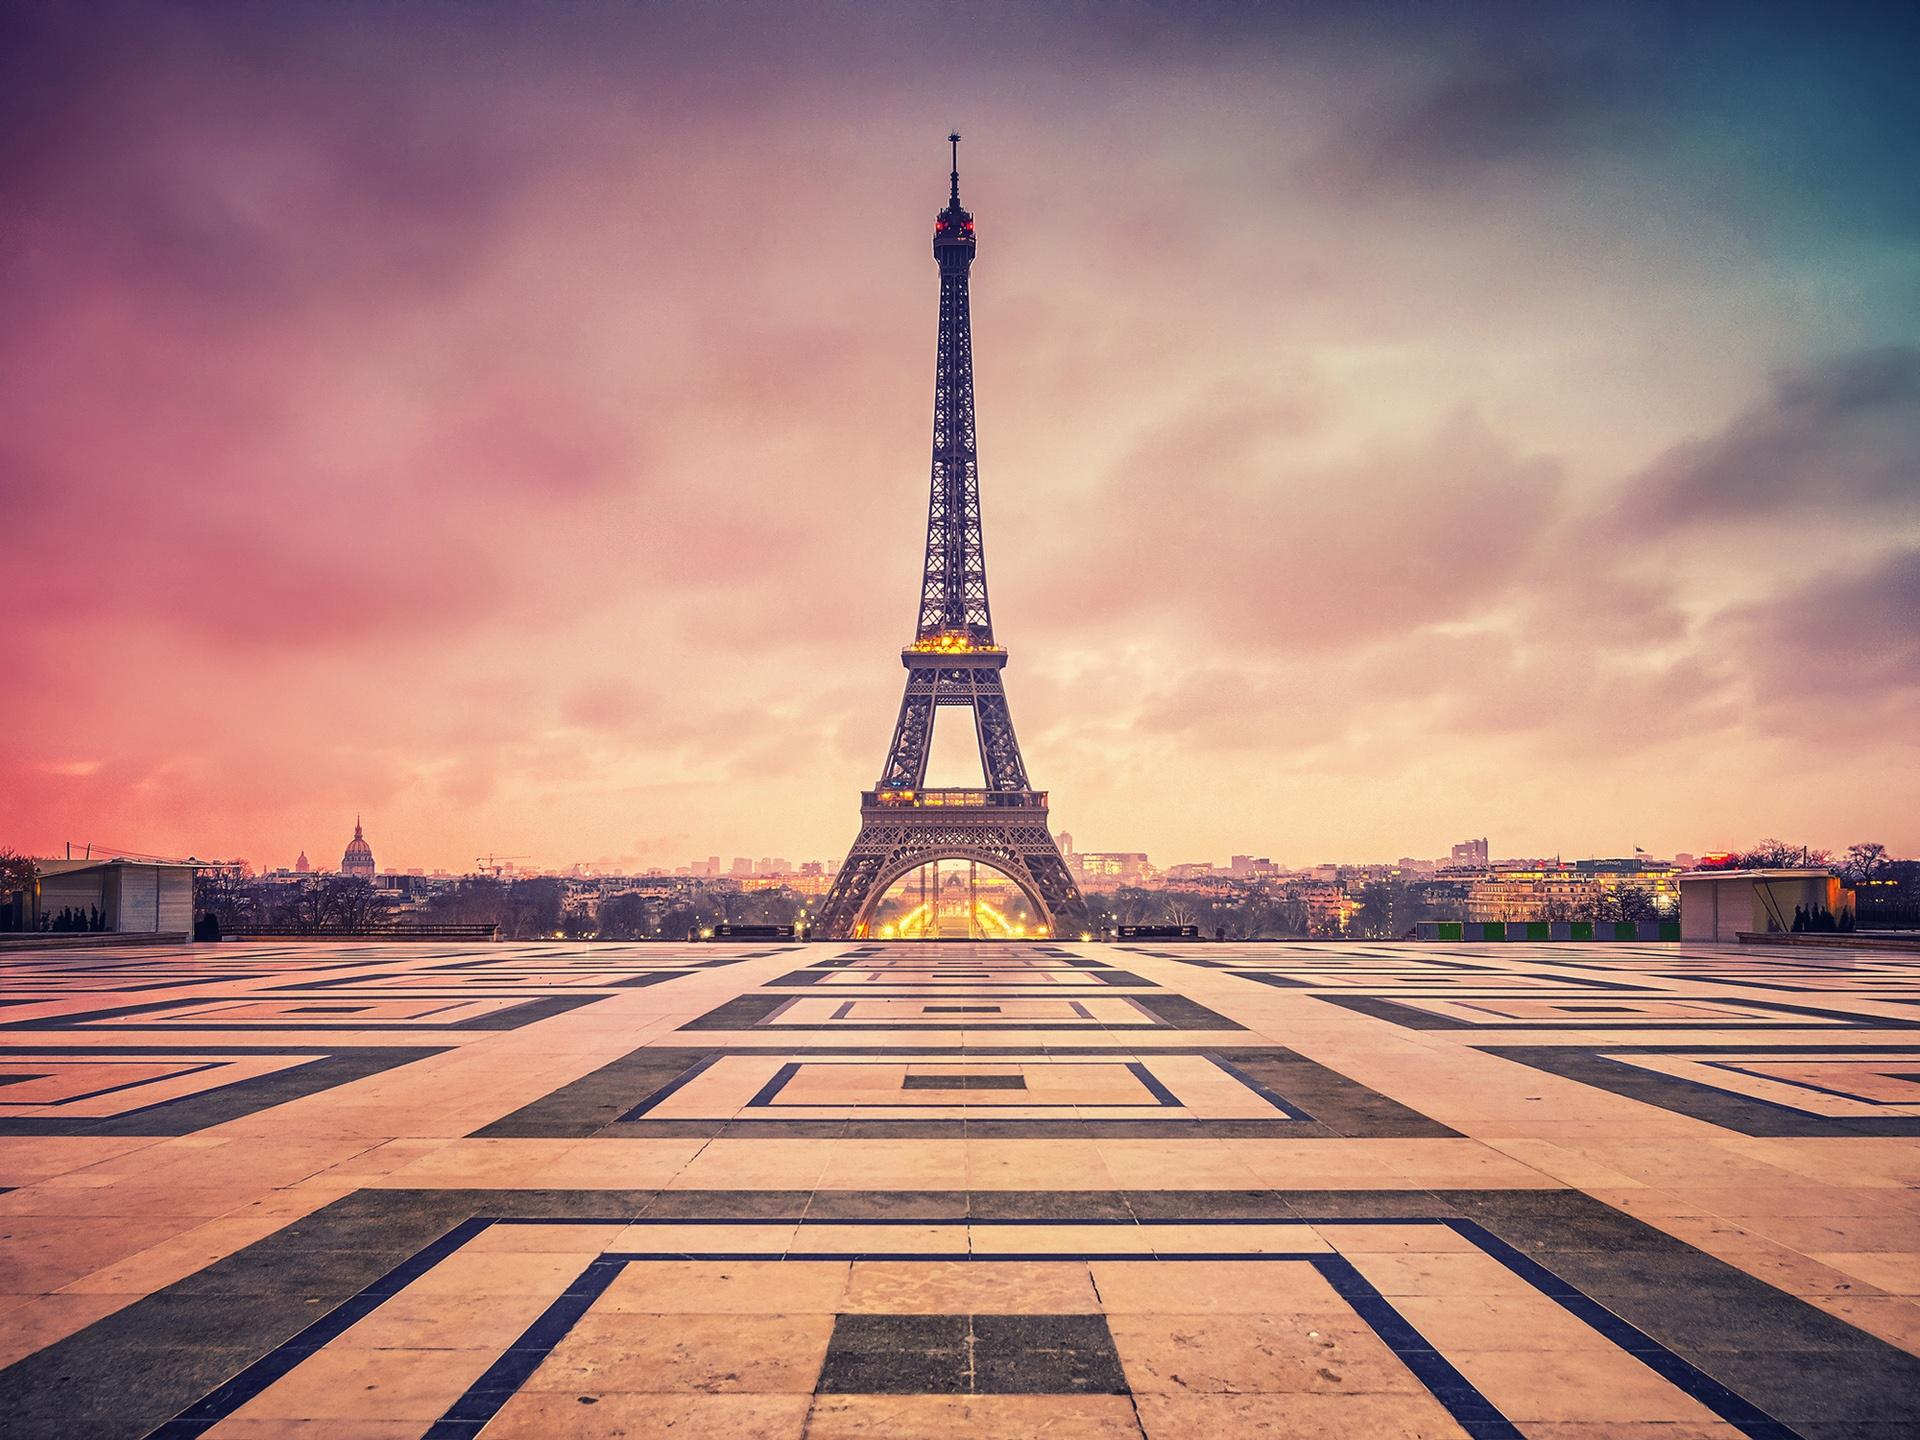 法国,巴黎,艾菲尔铁塔,晚上,黄昏 壁纸